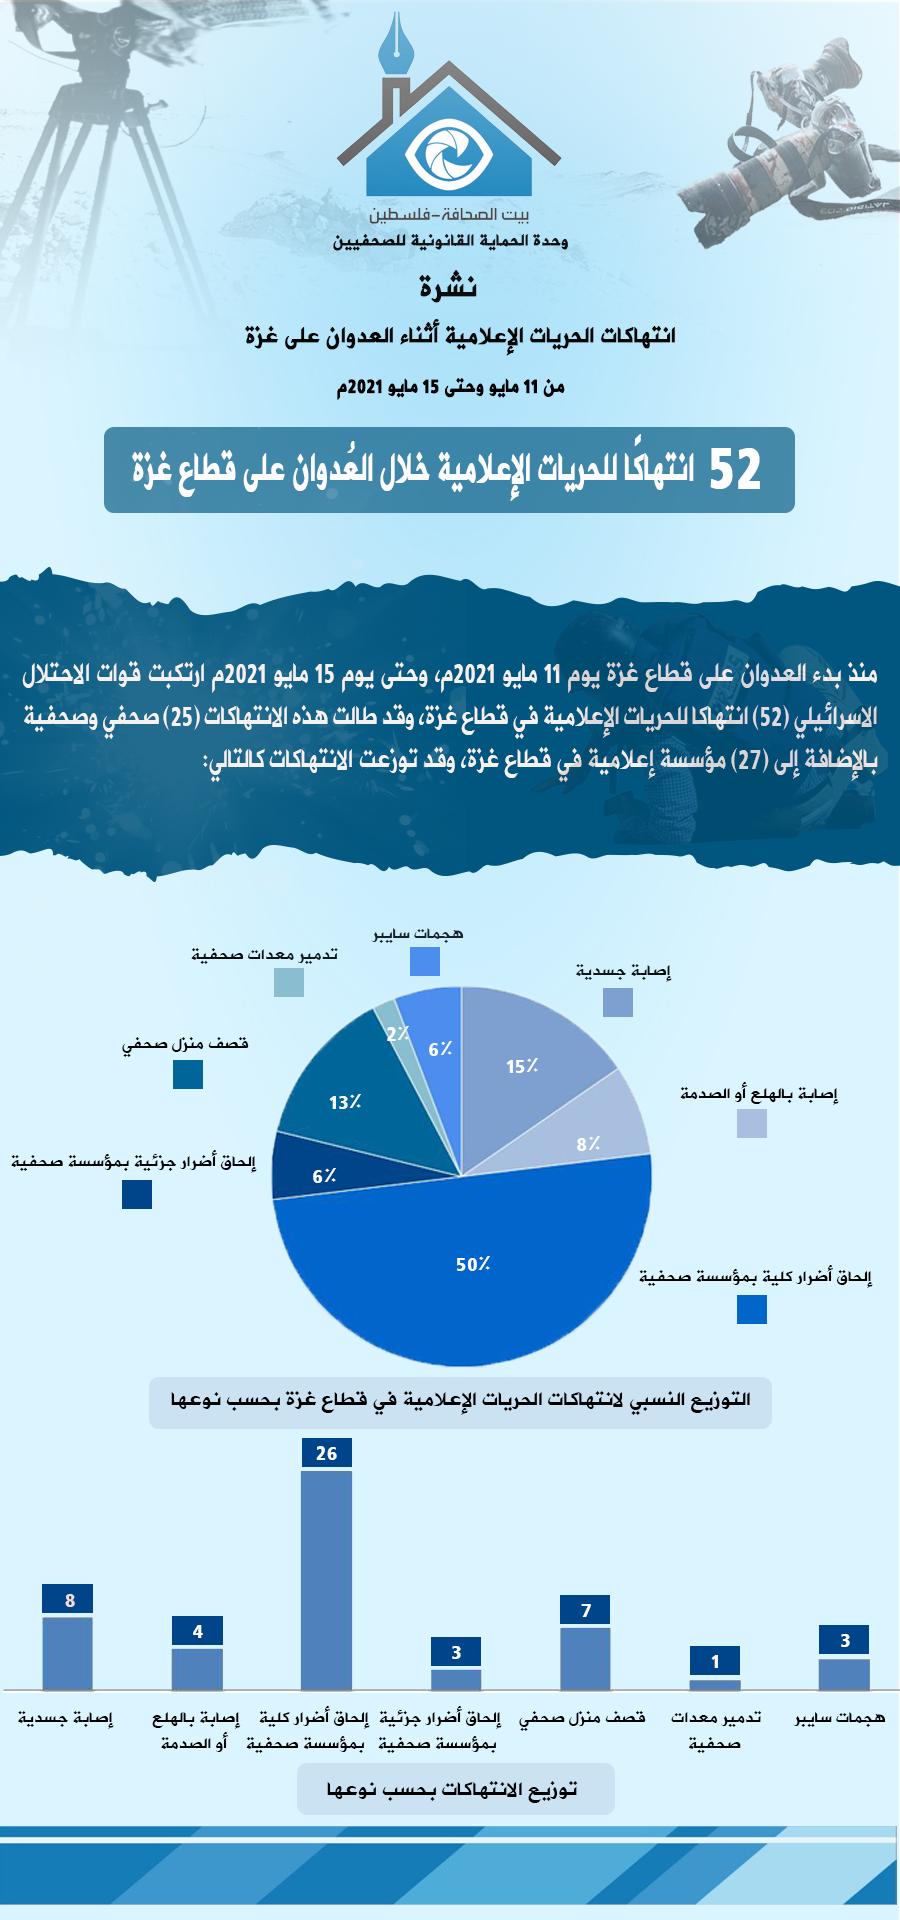 11-15 انتهاكات الحريات الإعلامية أثناء العدوان على غزة - عربي.png